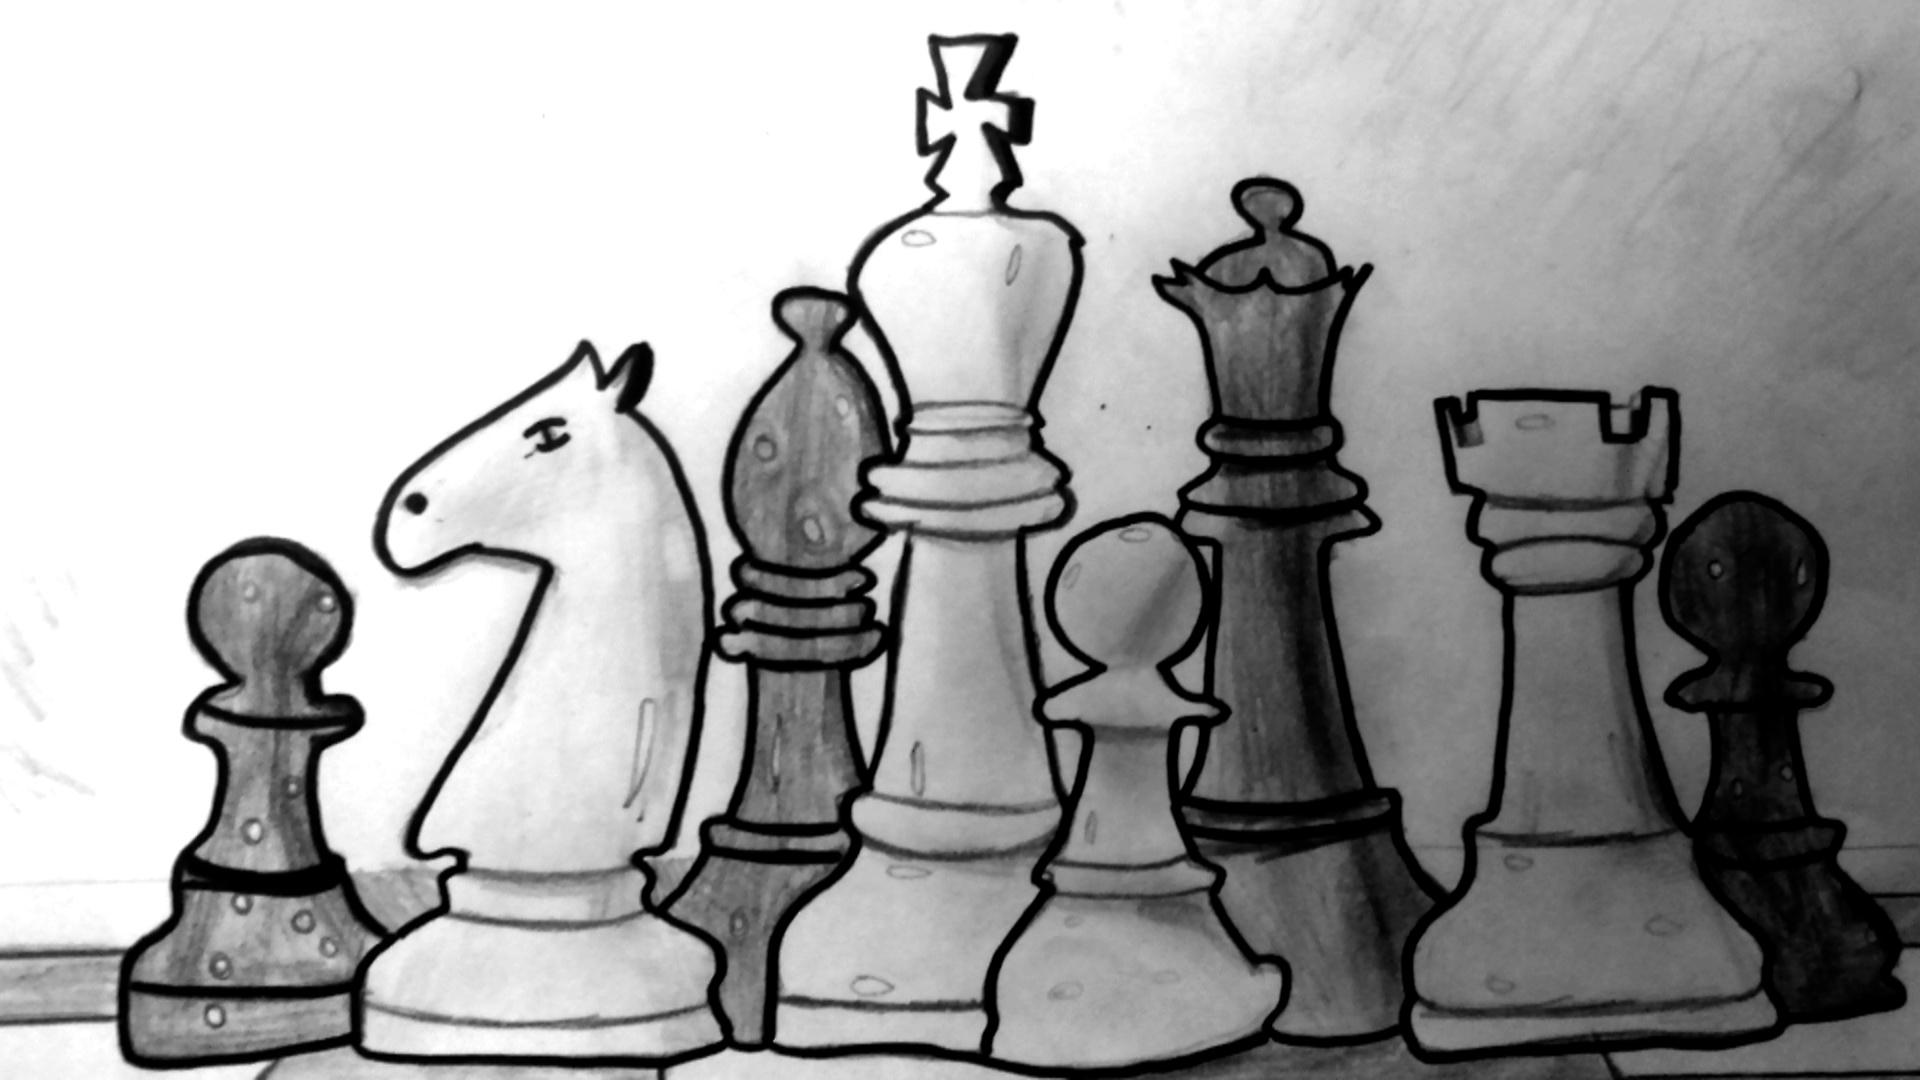 pionki, hetman, wieża, król, skoczek, goniec, piękno szachów, szachownica, rysunek, Maja Krzyszycha, Gimnazjum nr 13 im. Unii Europejskiej we Wrocławiu, szachy dla dzieci, bierki szachowe, interaktywny podręcznik szachowy,